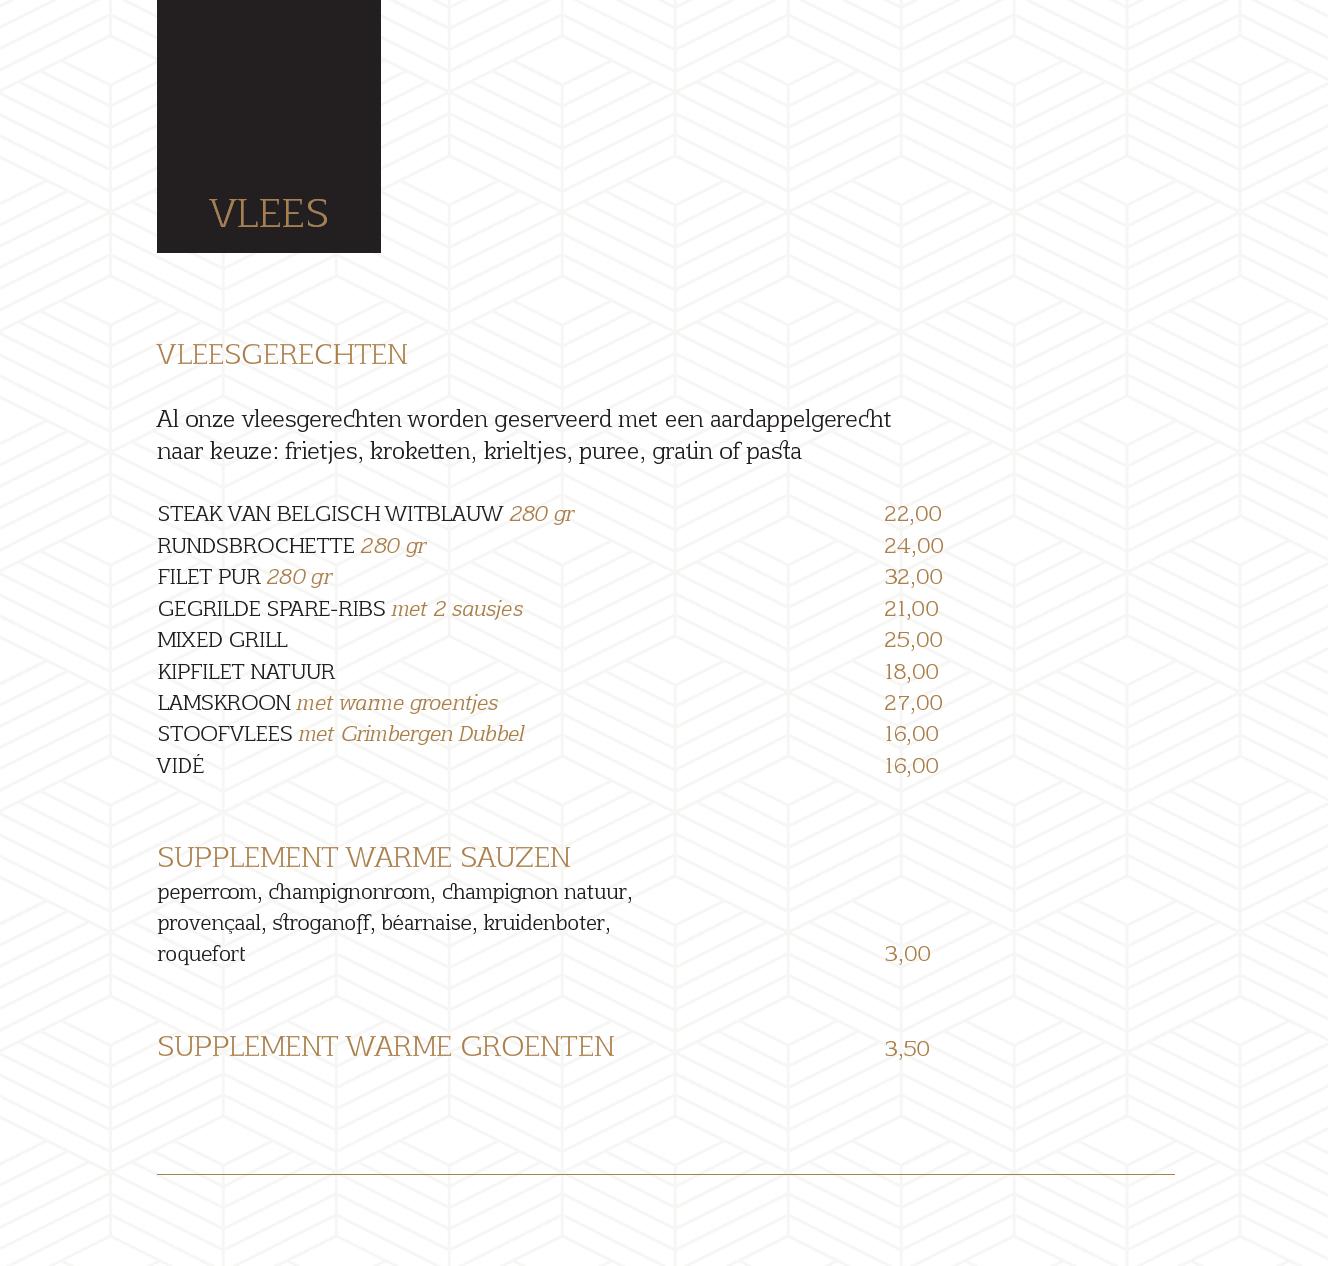 menukaart 23